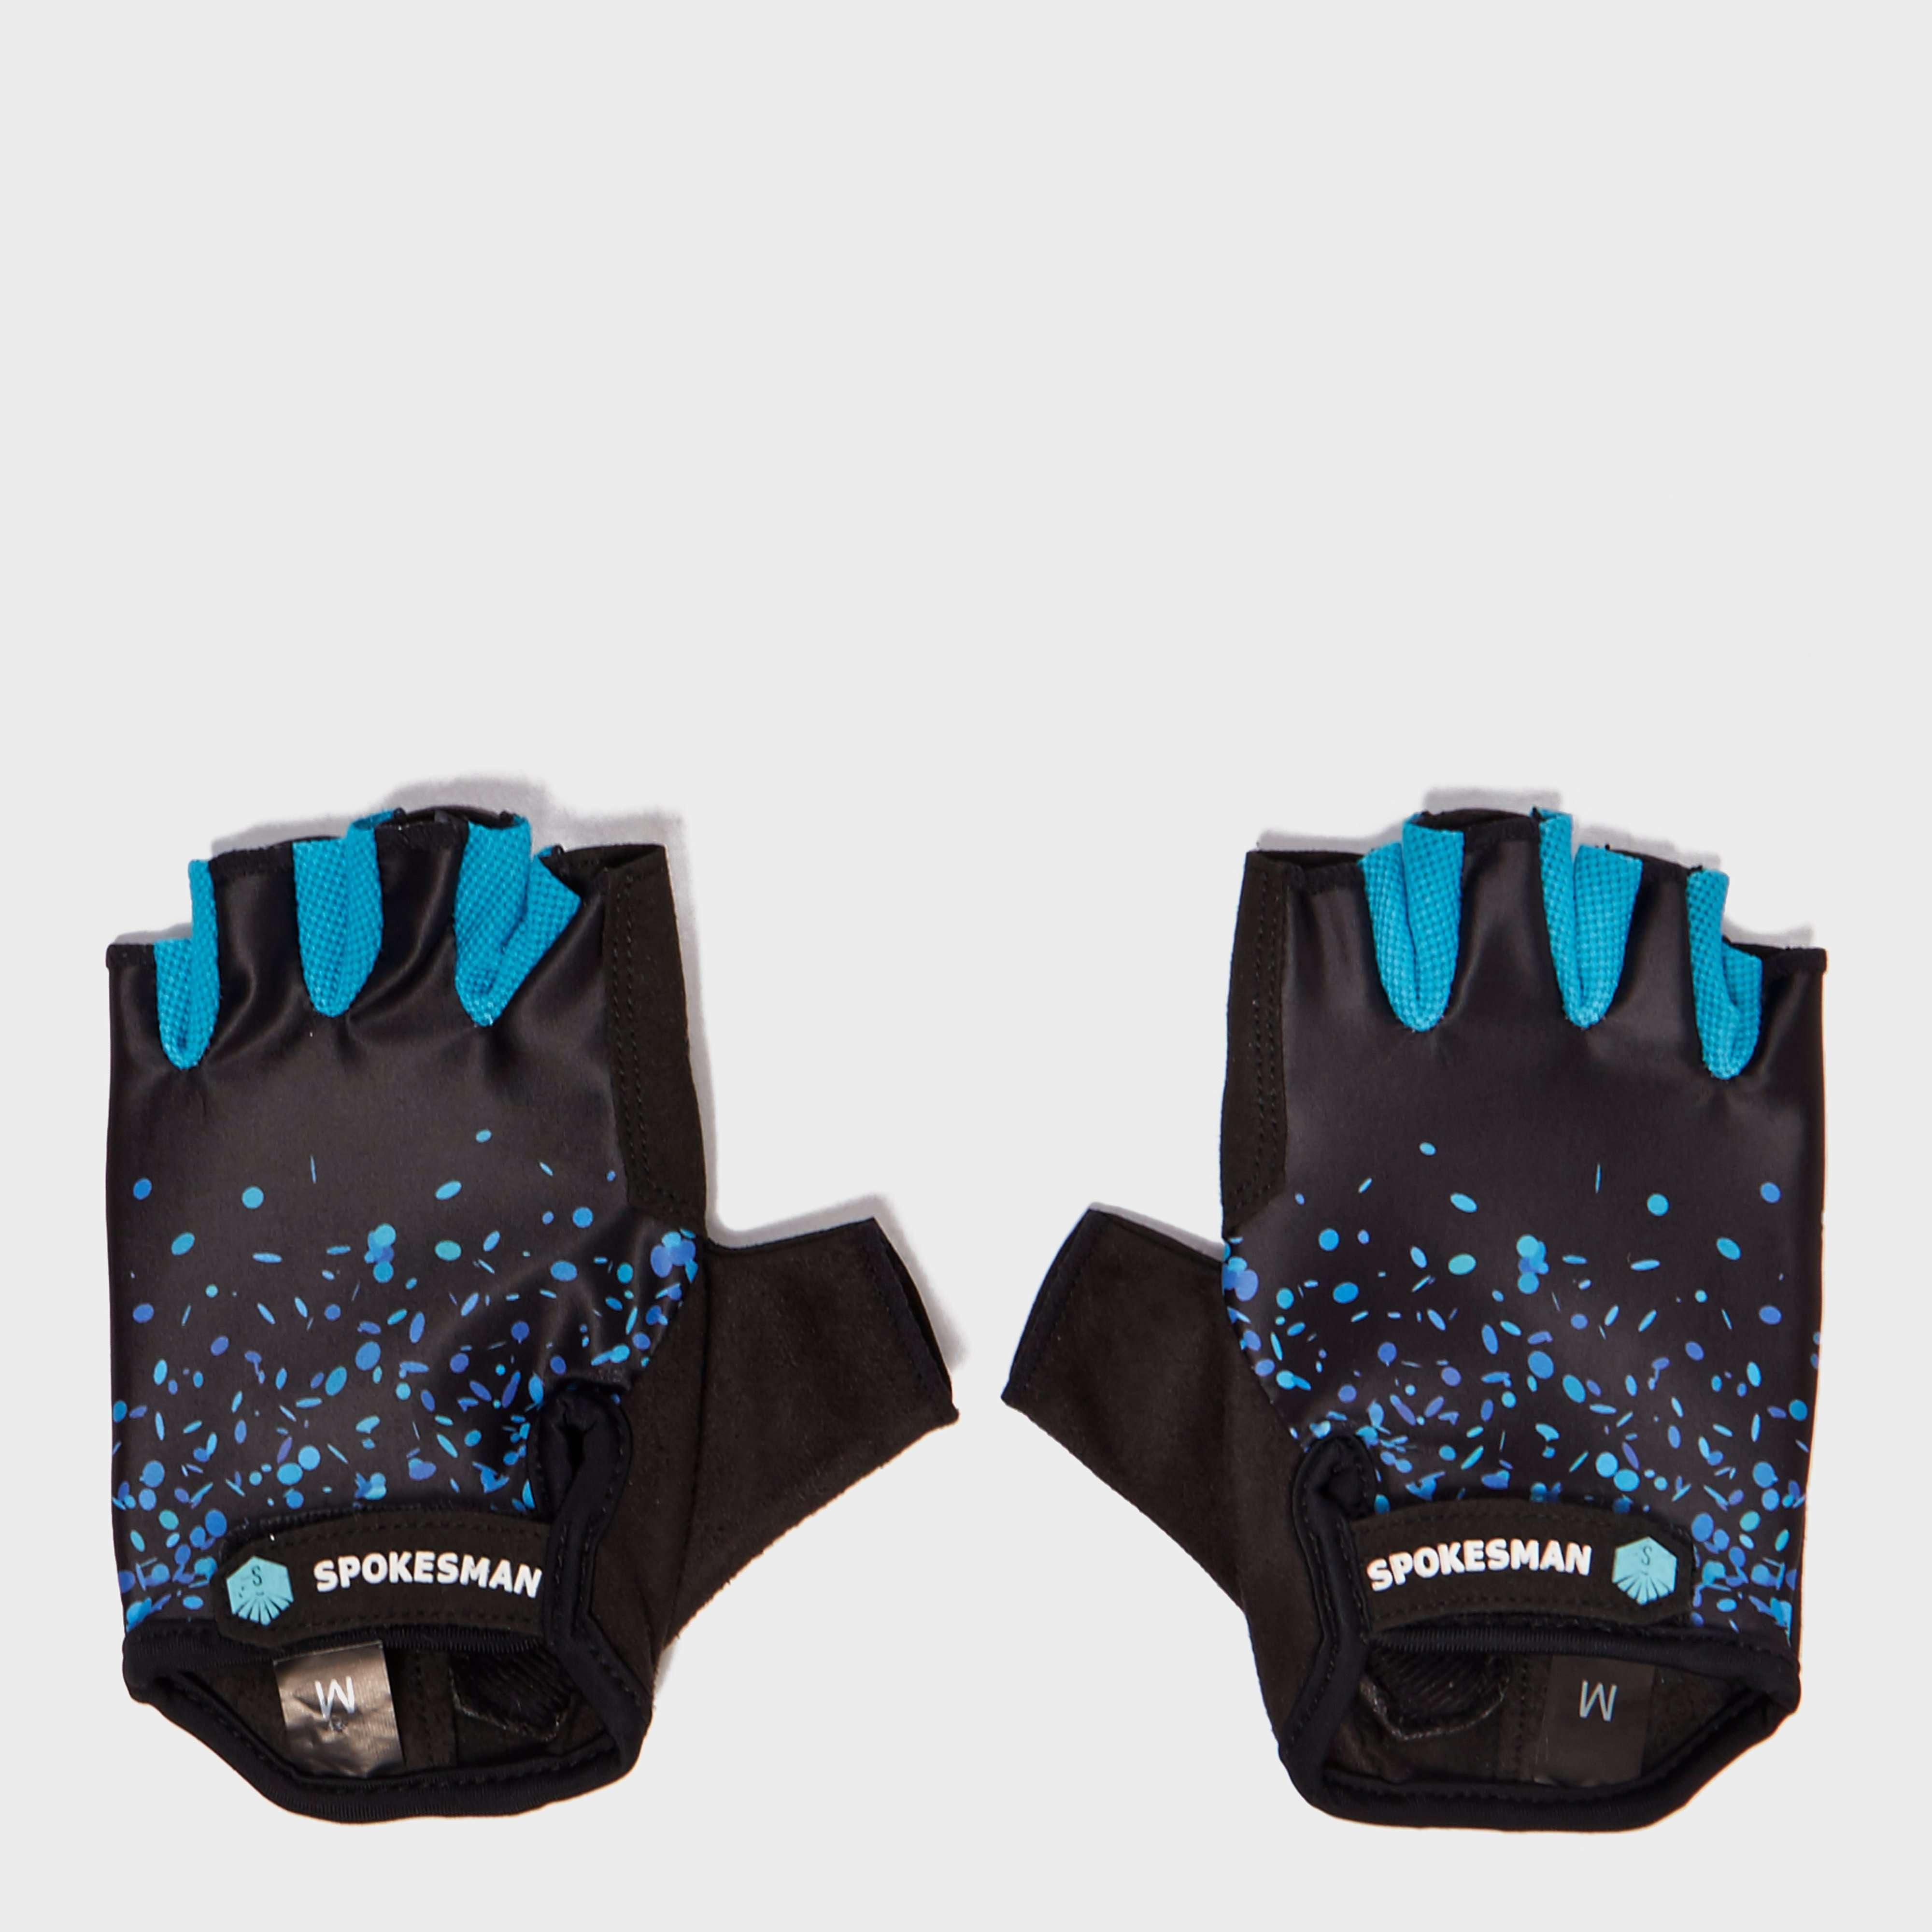 SPOKESMAN Women's Lady Short Cycling Gloves